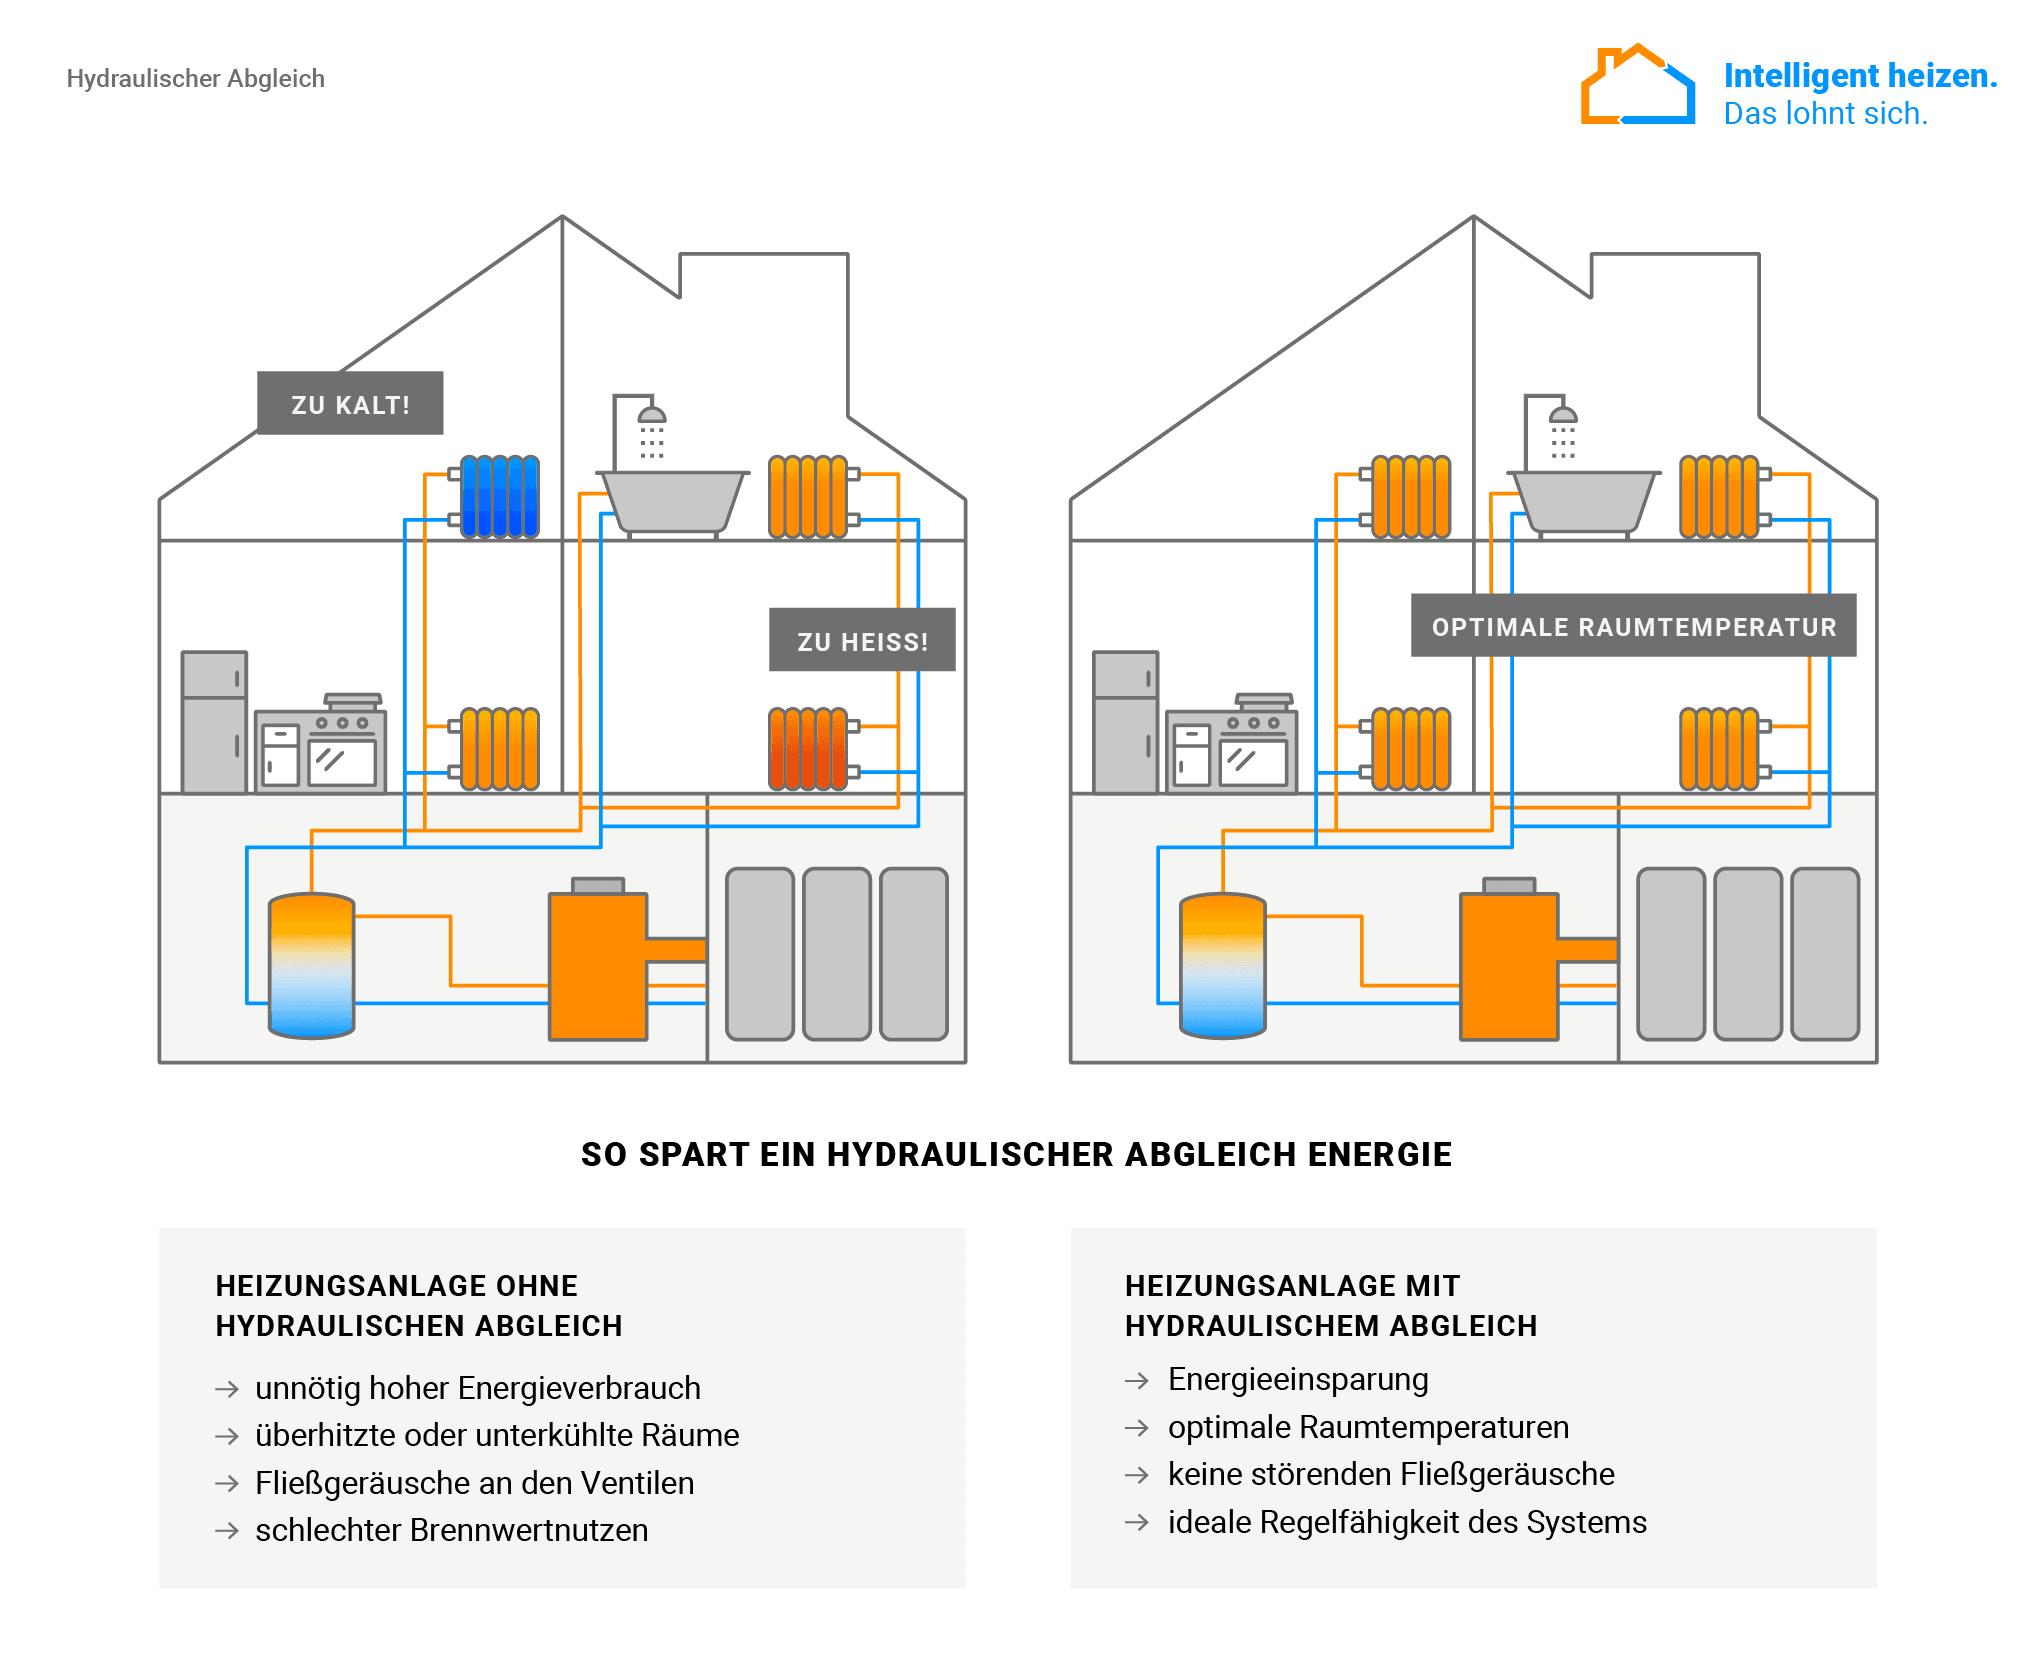 Infografik zum hydraulischen Abgleich